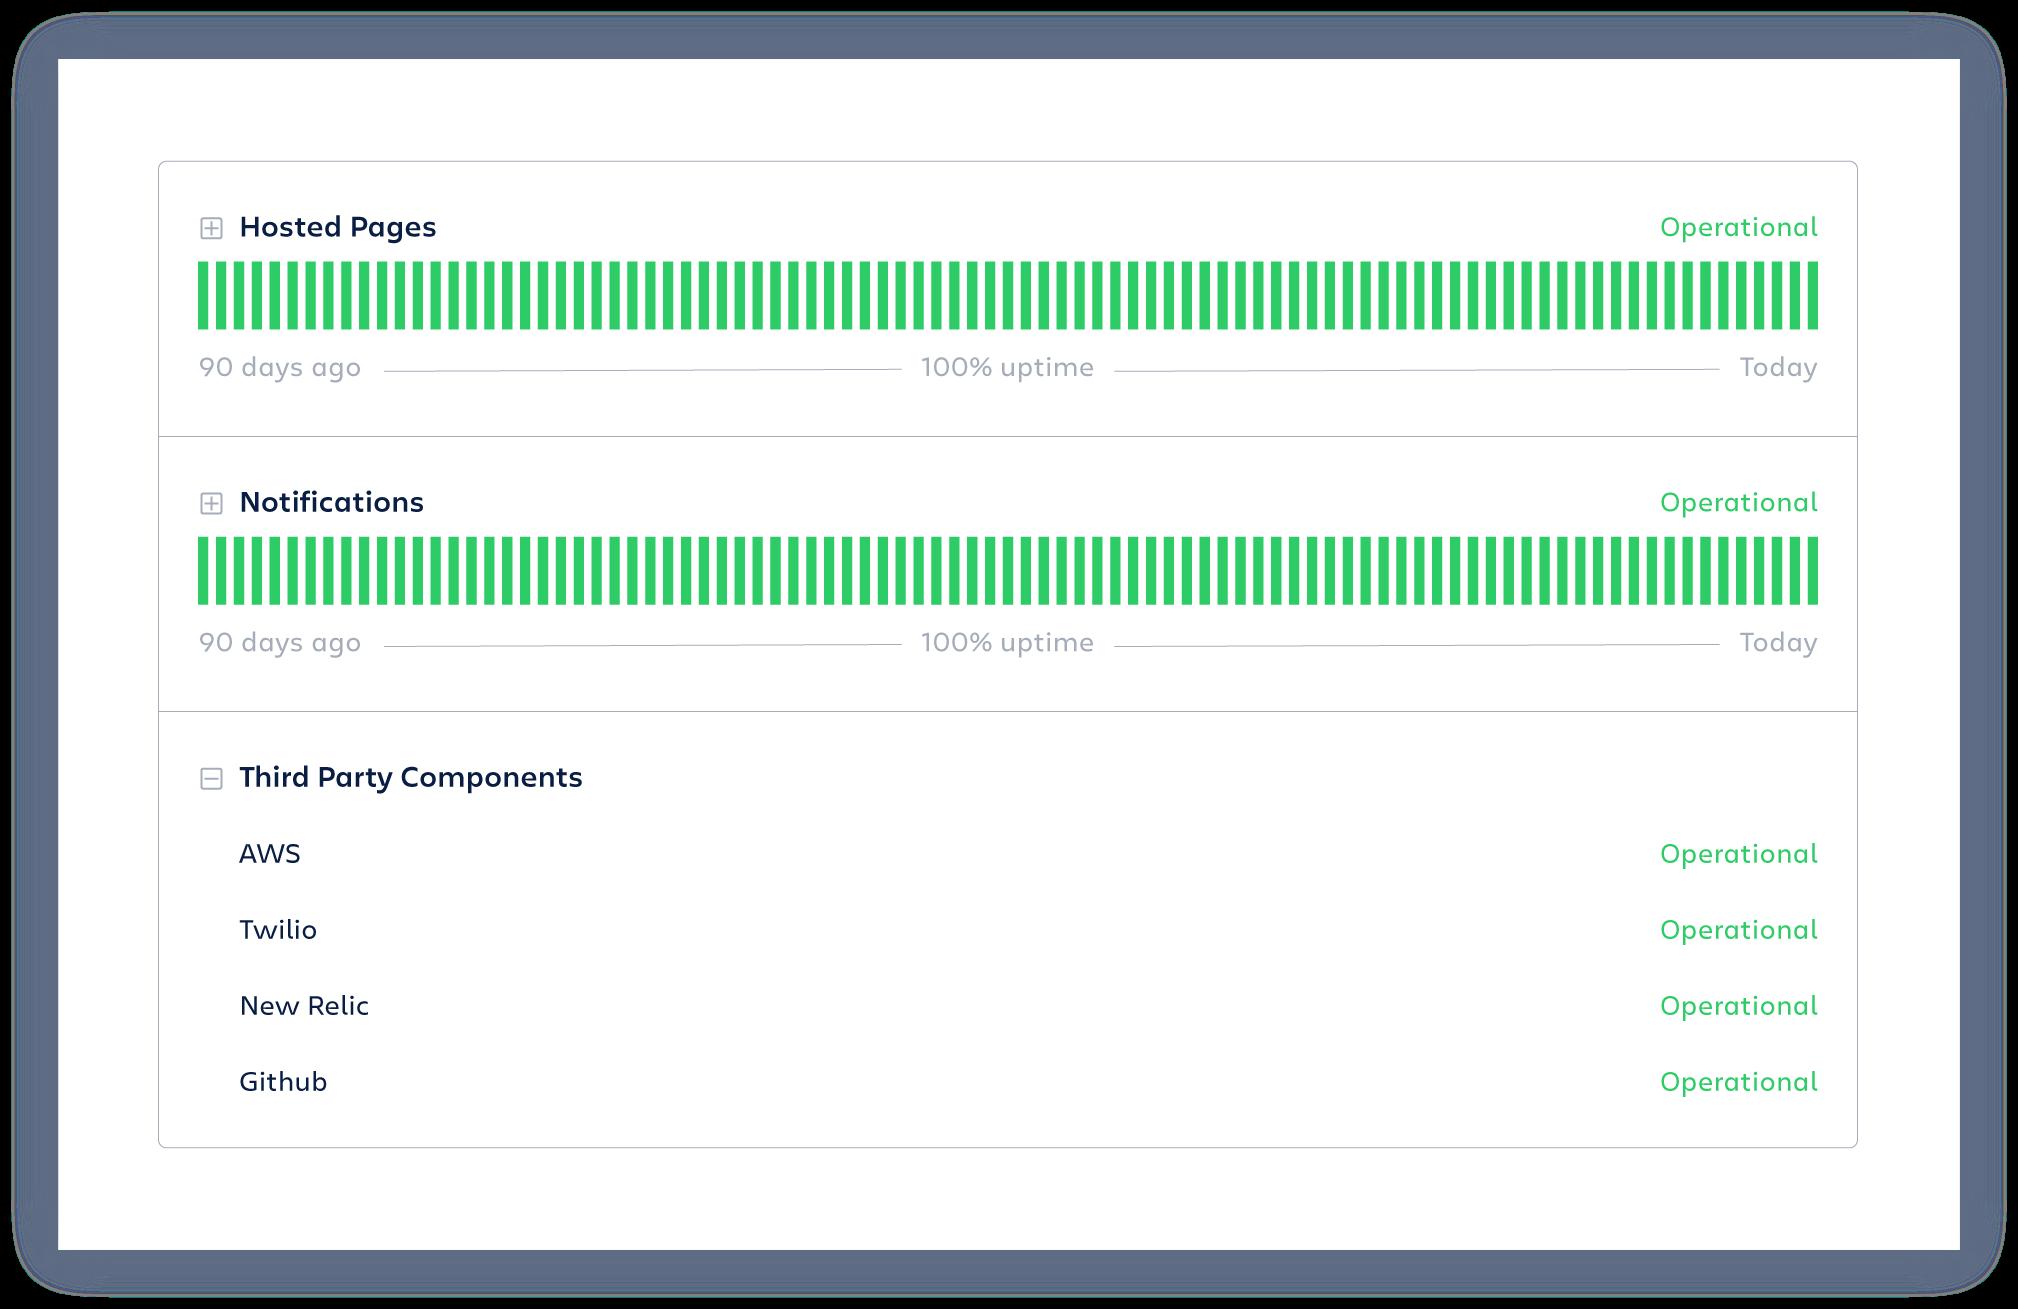 Окно с информацией о состоянии и времени бесперебойной работы различных компонентов, например размещенных страниц и уведомлений